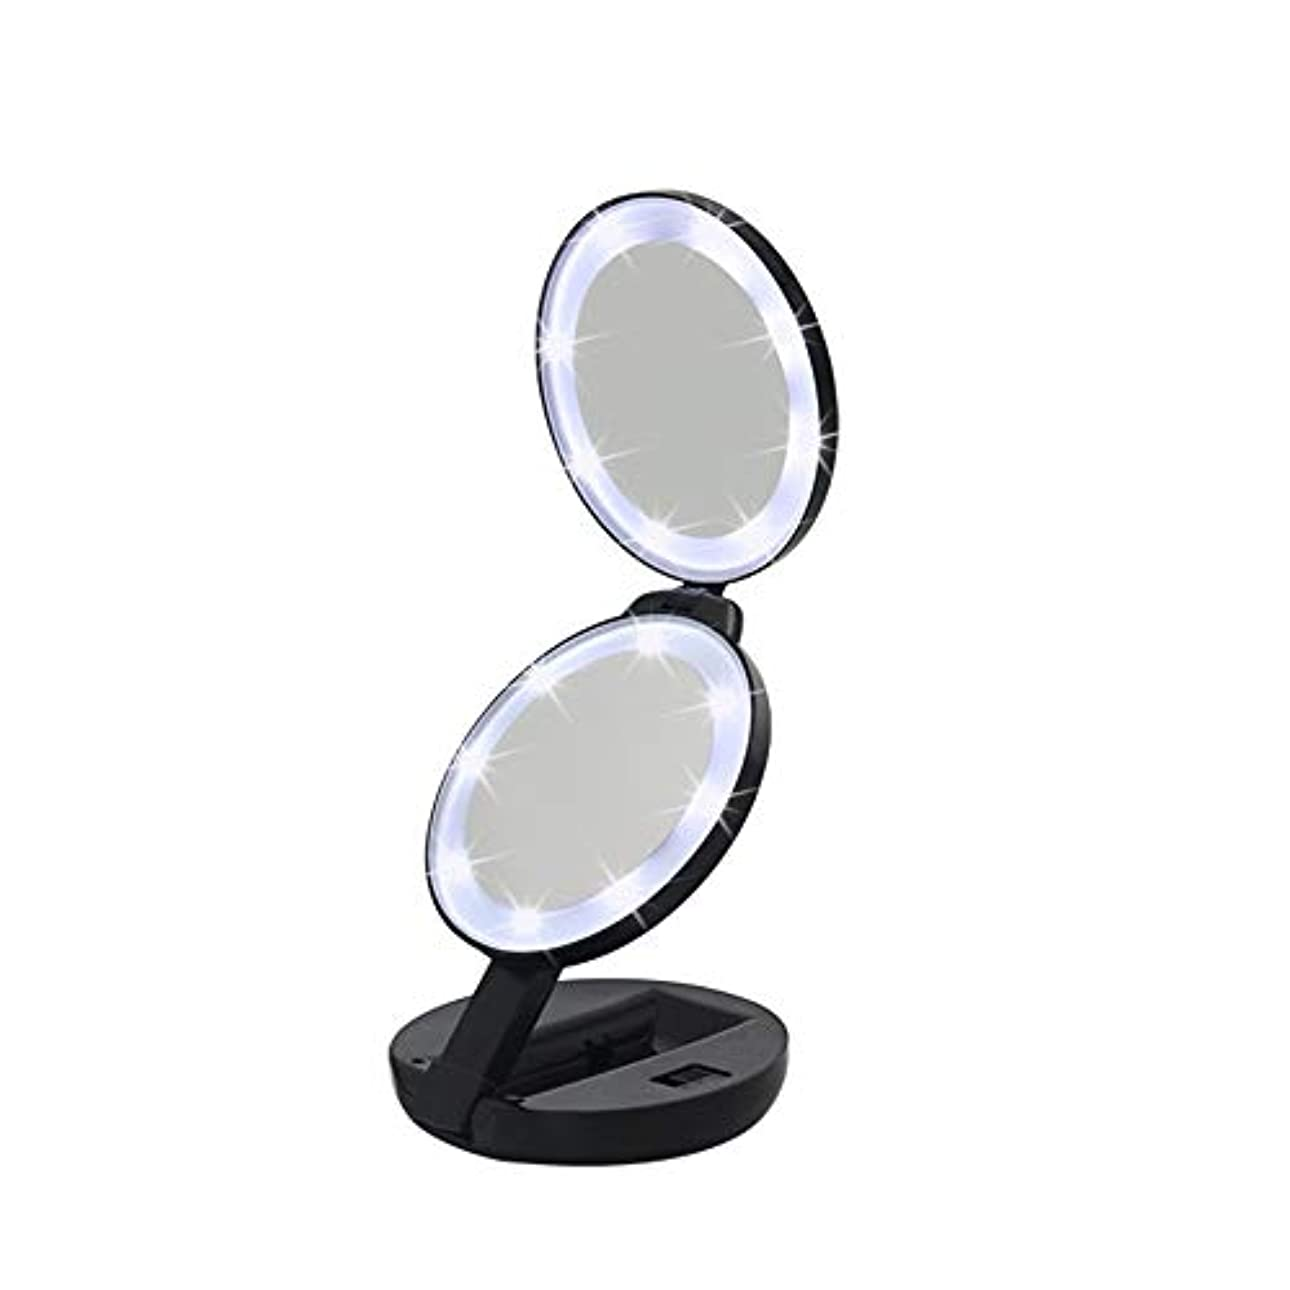 発疹サスペンド間違い流行の 新しいラウンド三つ折りLEDフィルライト化粧鏡ABS素材虫眼鏡ハンドヘルド美容ミラーブラック